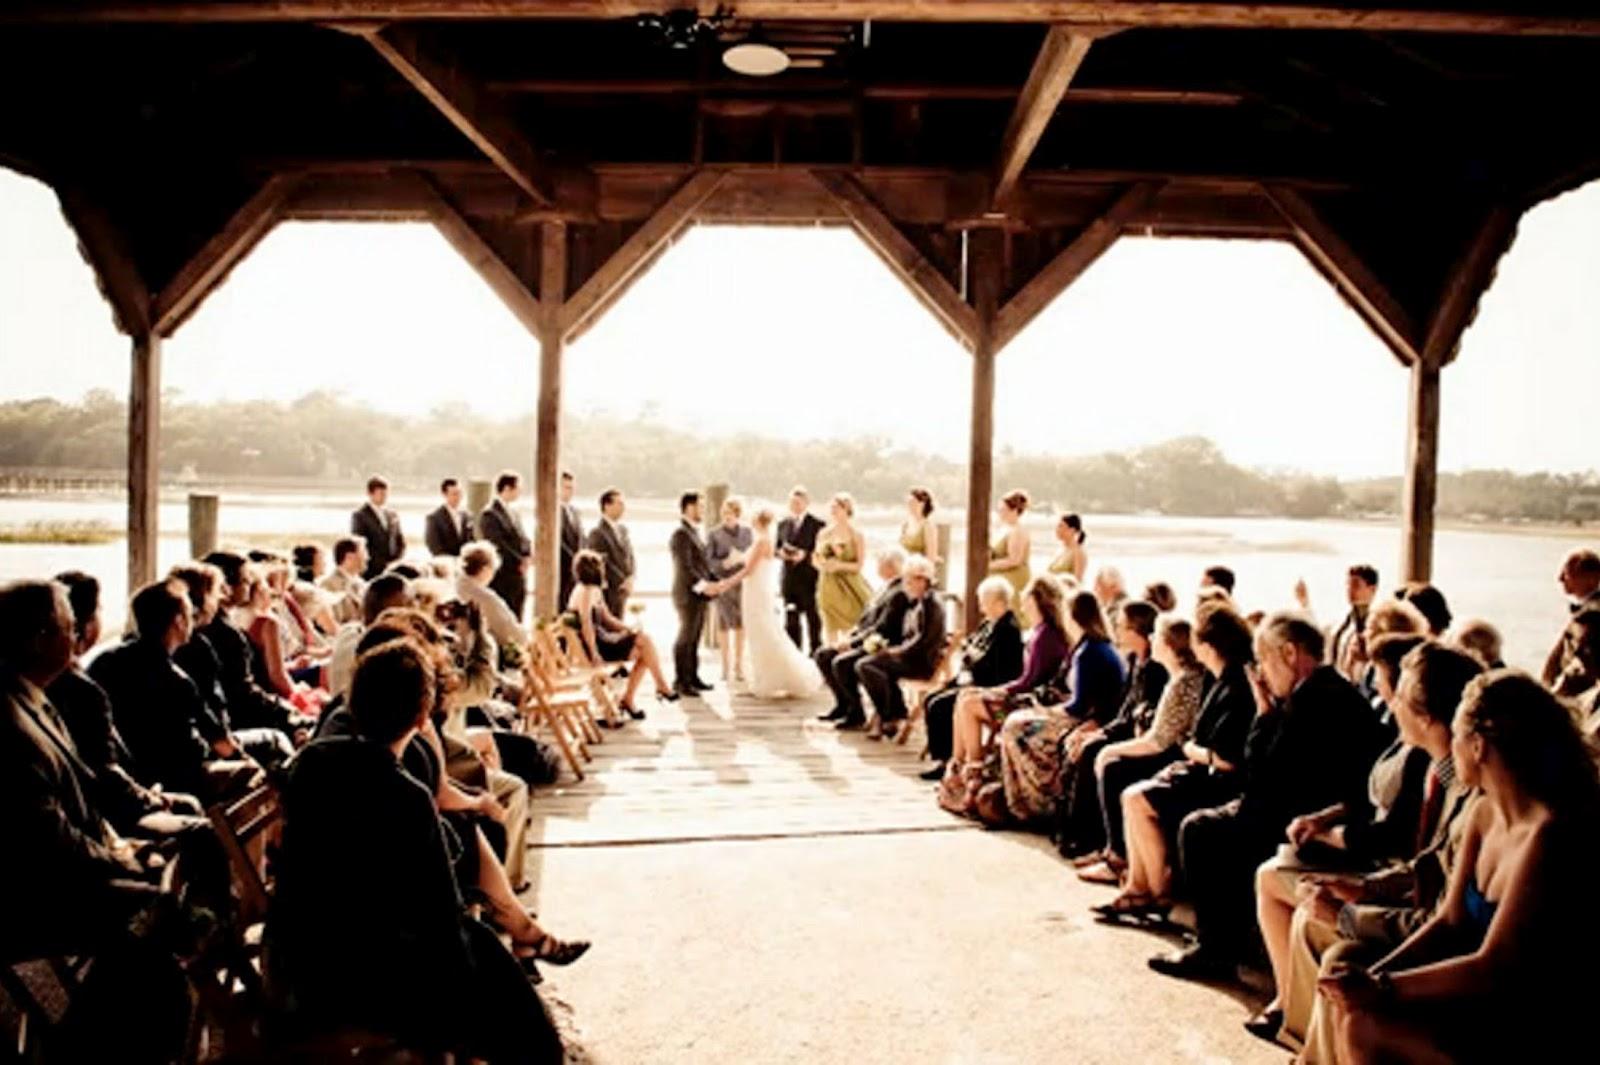 http://2.bp.blogspot.com/-3fo3iFIkxVs/UFfP3QFgtcI/AAAAAAAAQIE/x8lndxELQ7Q/s1600/Ryan+Reynolds+and+Blake+Lively+wedding+venuehg.jpg